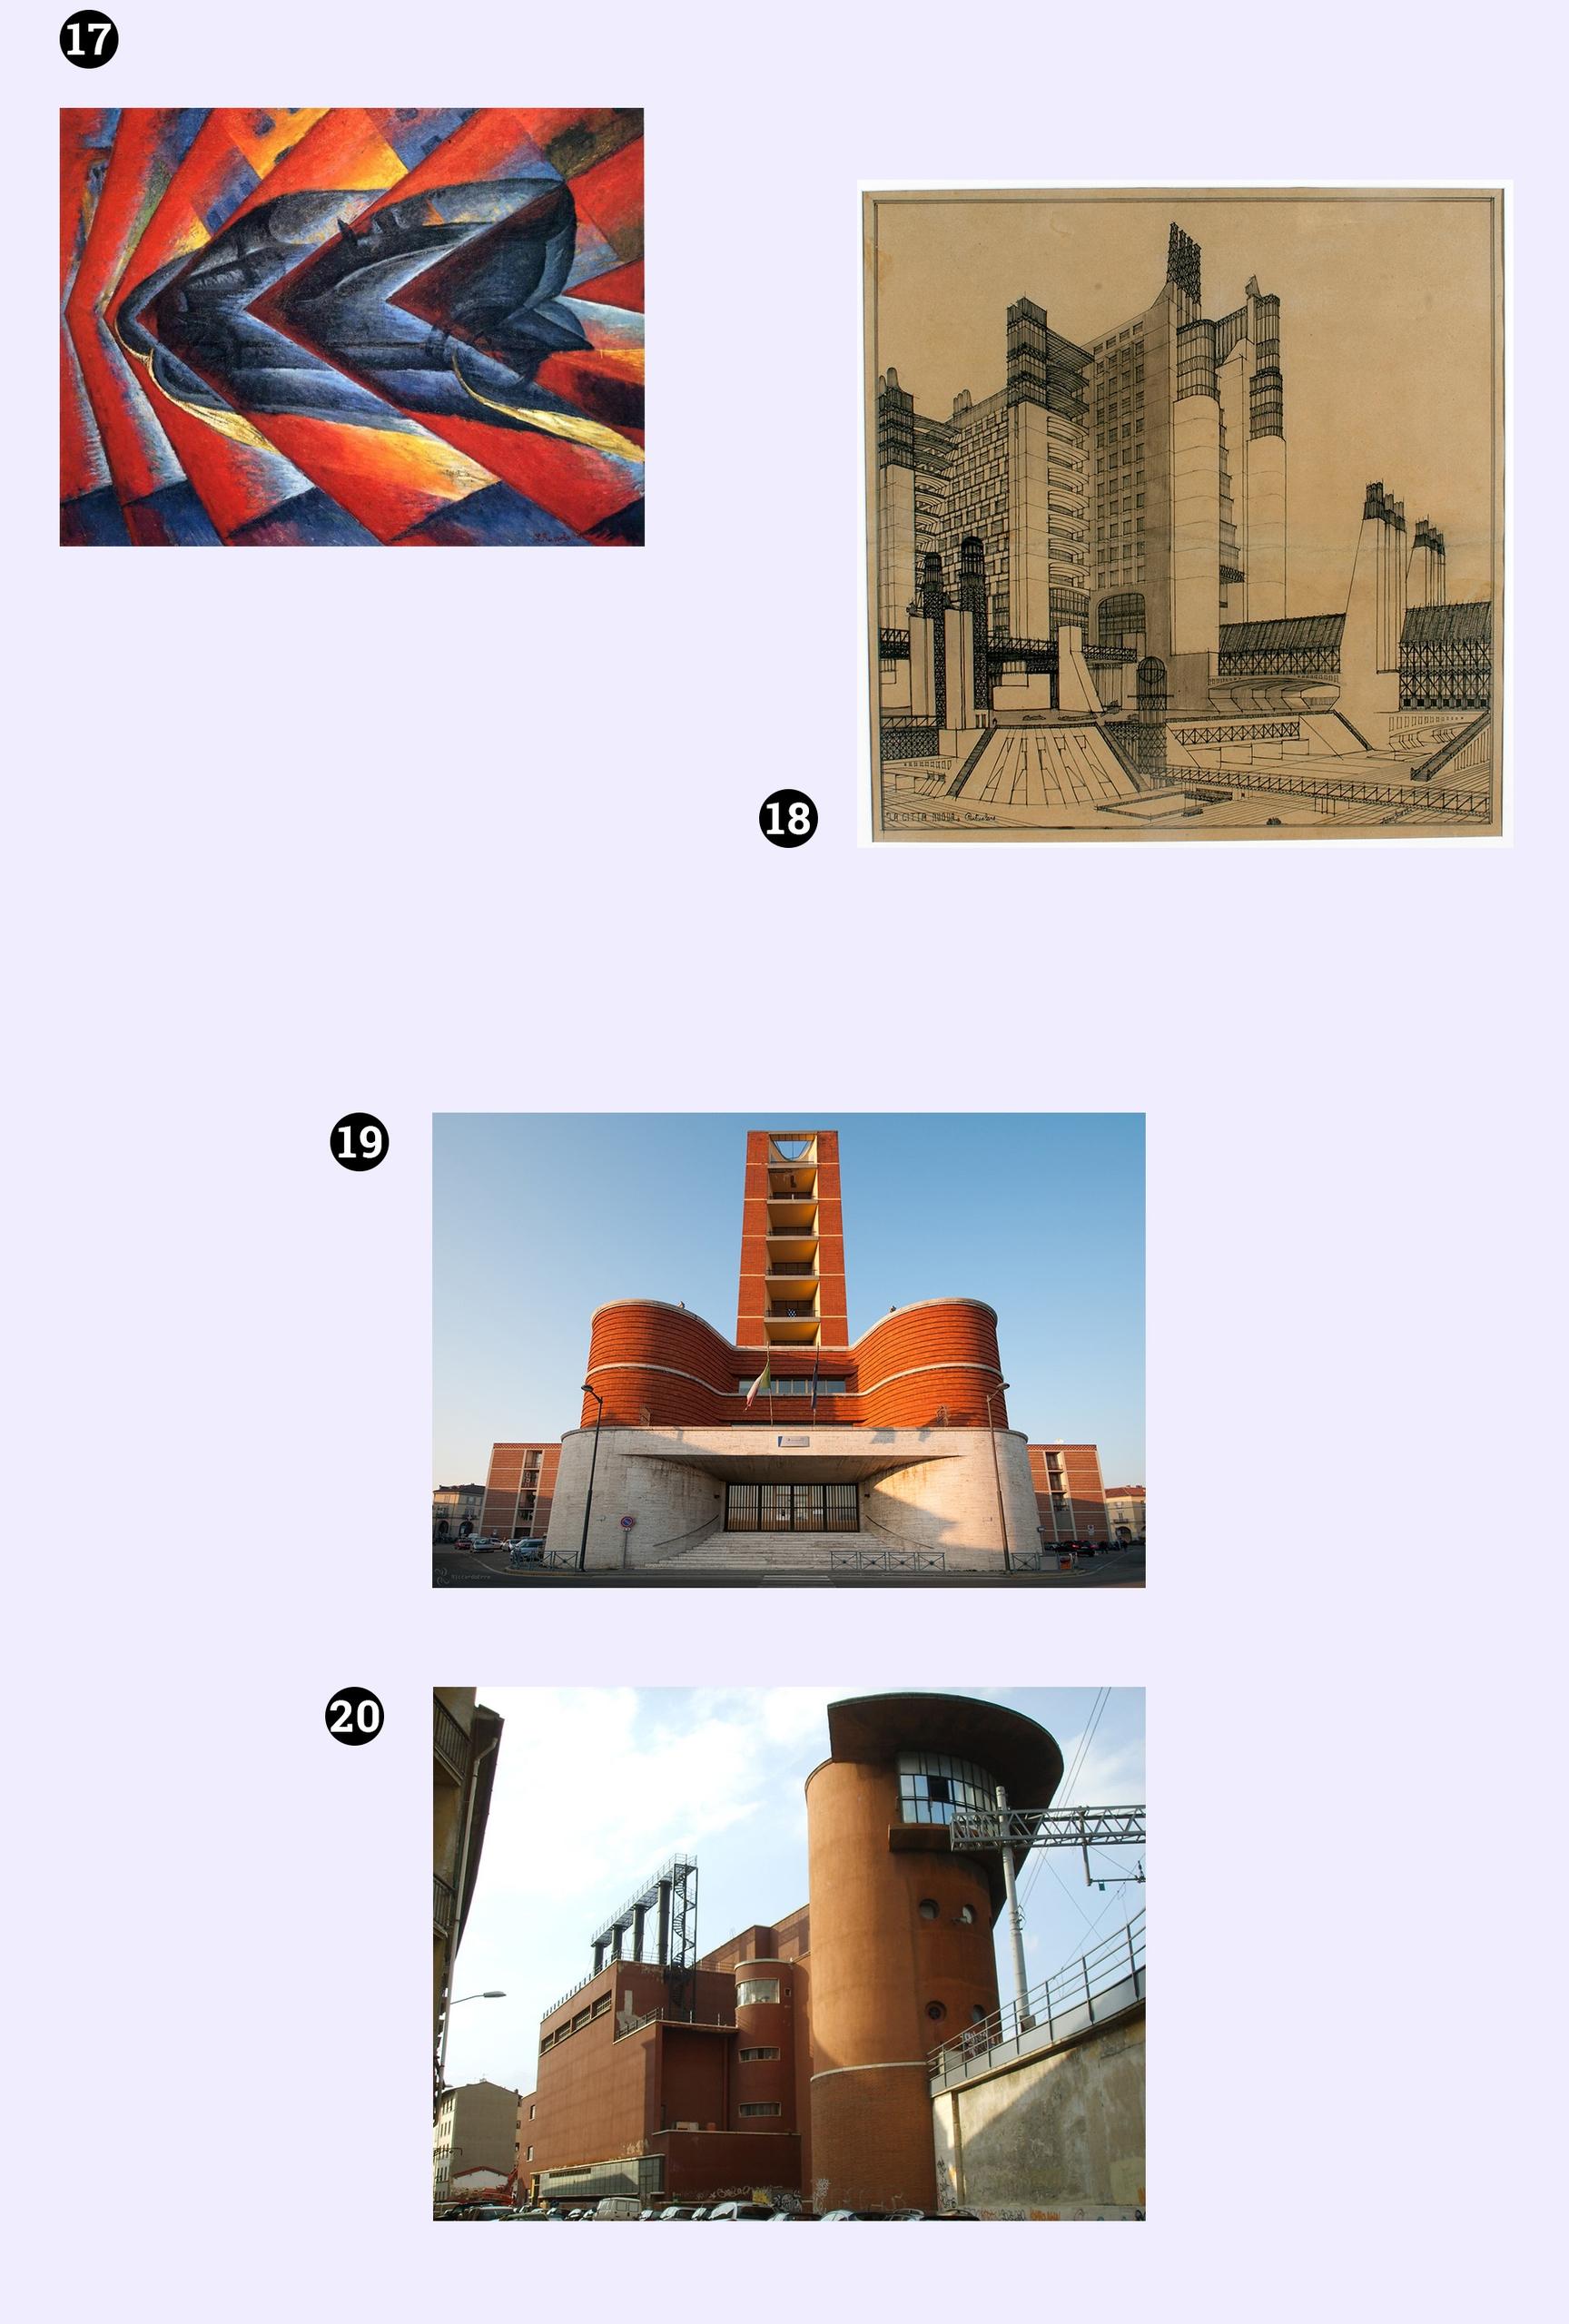 Obraz przedstawia cztery fotografie na jasno-fioletowym tle. Dwie z nich przedstawiają budowle. Jedna to szkic budynku, a jedna jest obrazem znanego artysty.